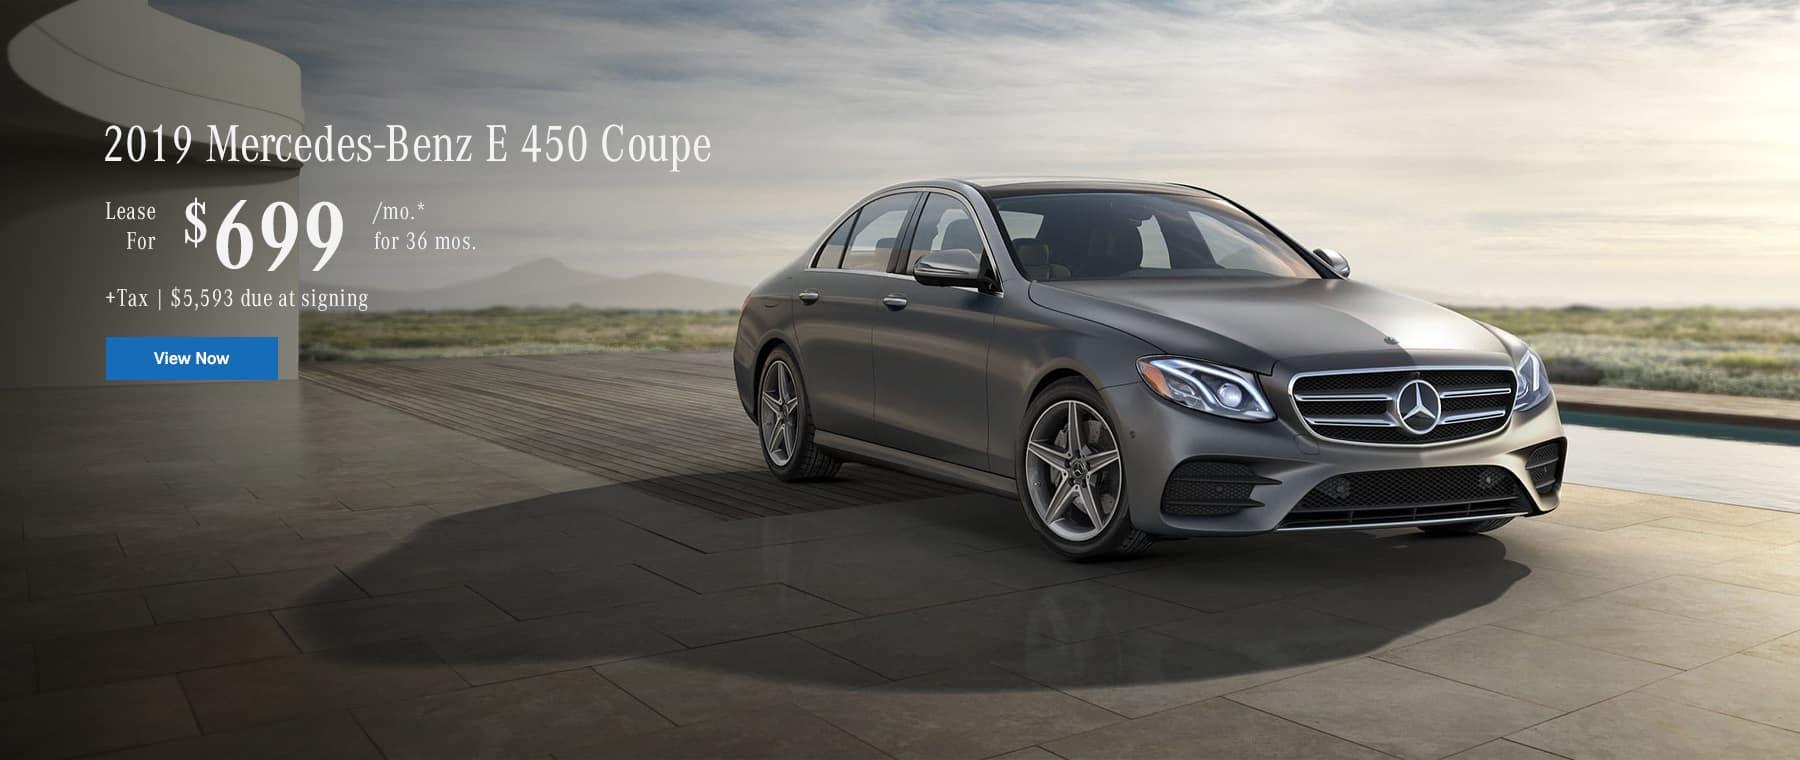 2019 E450 Coupe